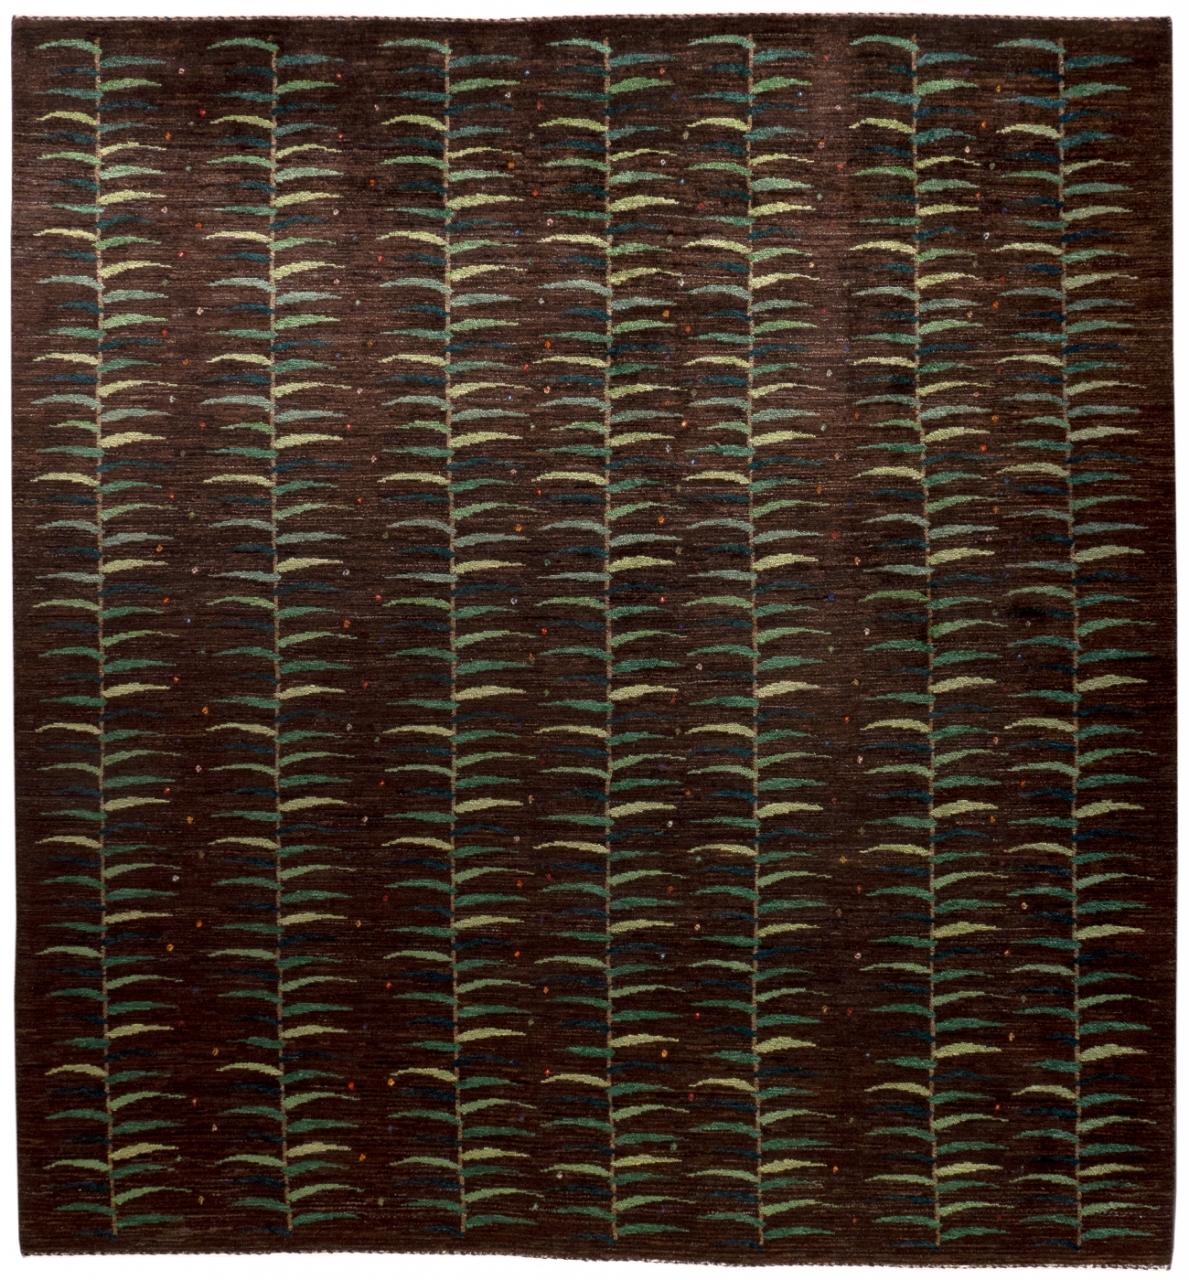 Iran Gabbeh Teppich-Unikat Bambusgarten